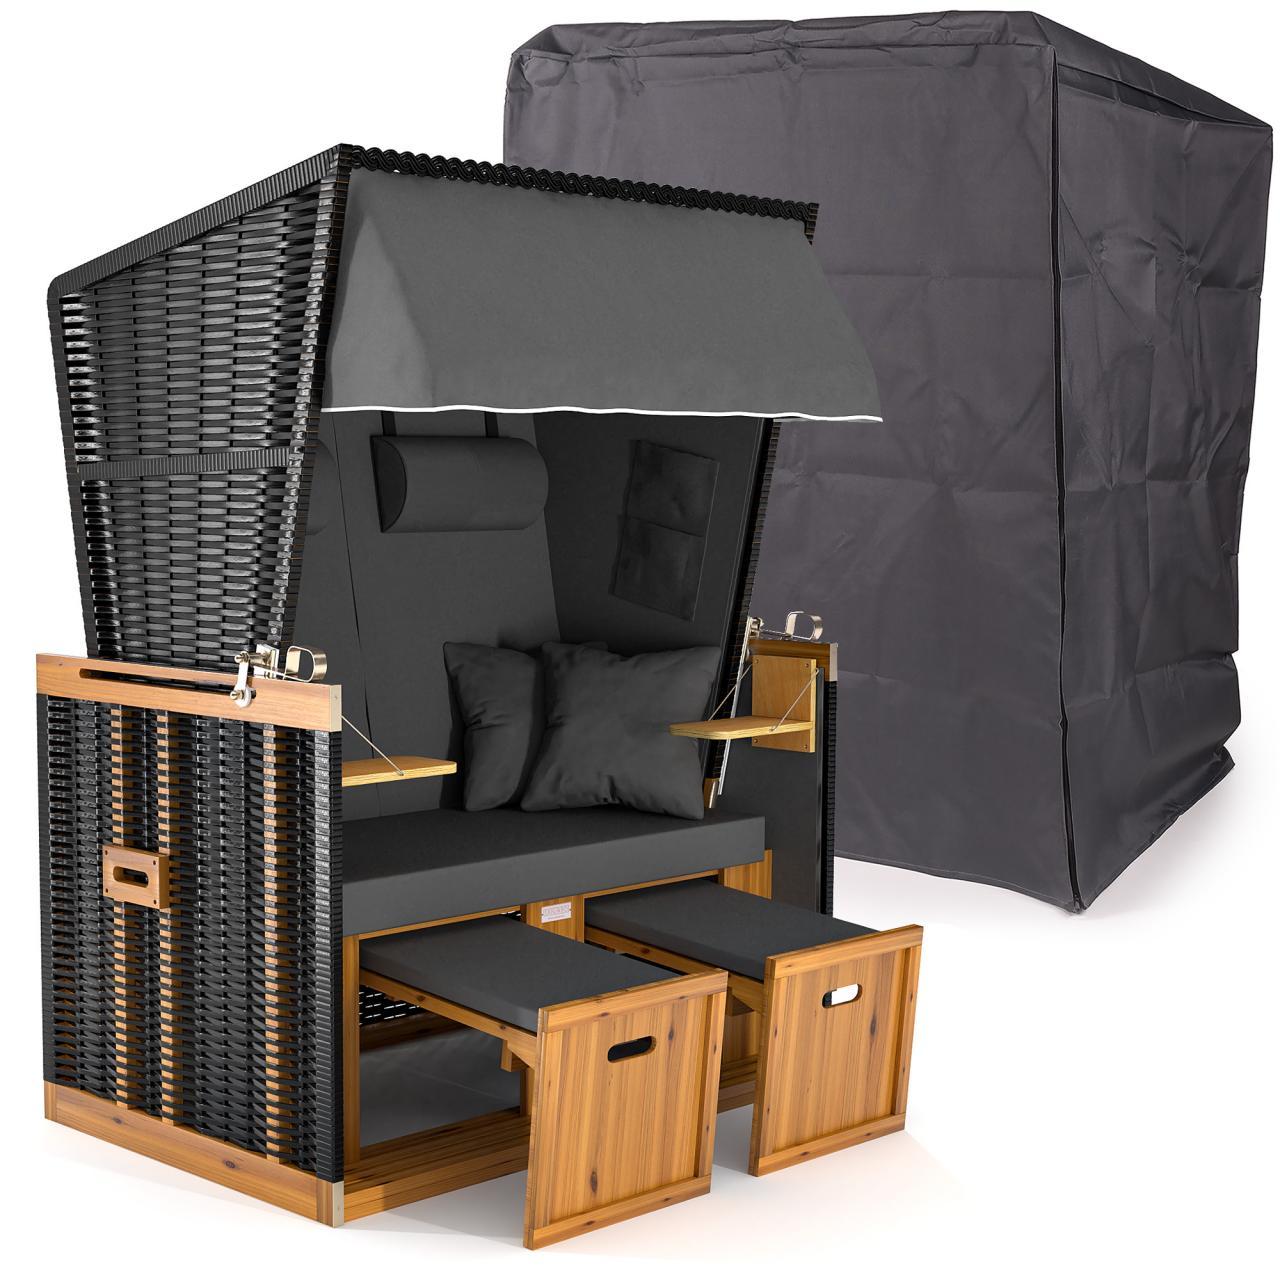 strandkorb xxl premium volllieger nordsee gartenliege sylt gartenm bel rattan ebay. Black Bedroom Furniture Sets. Home Design Ideas